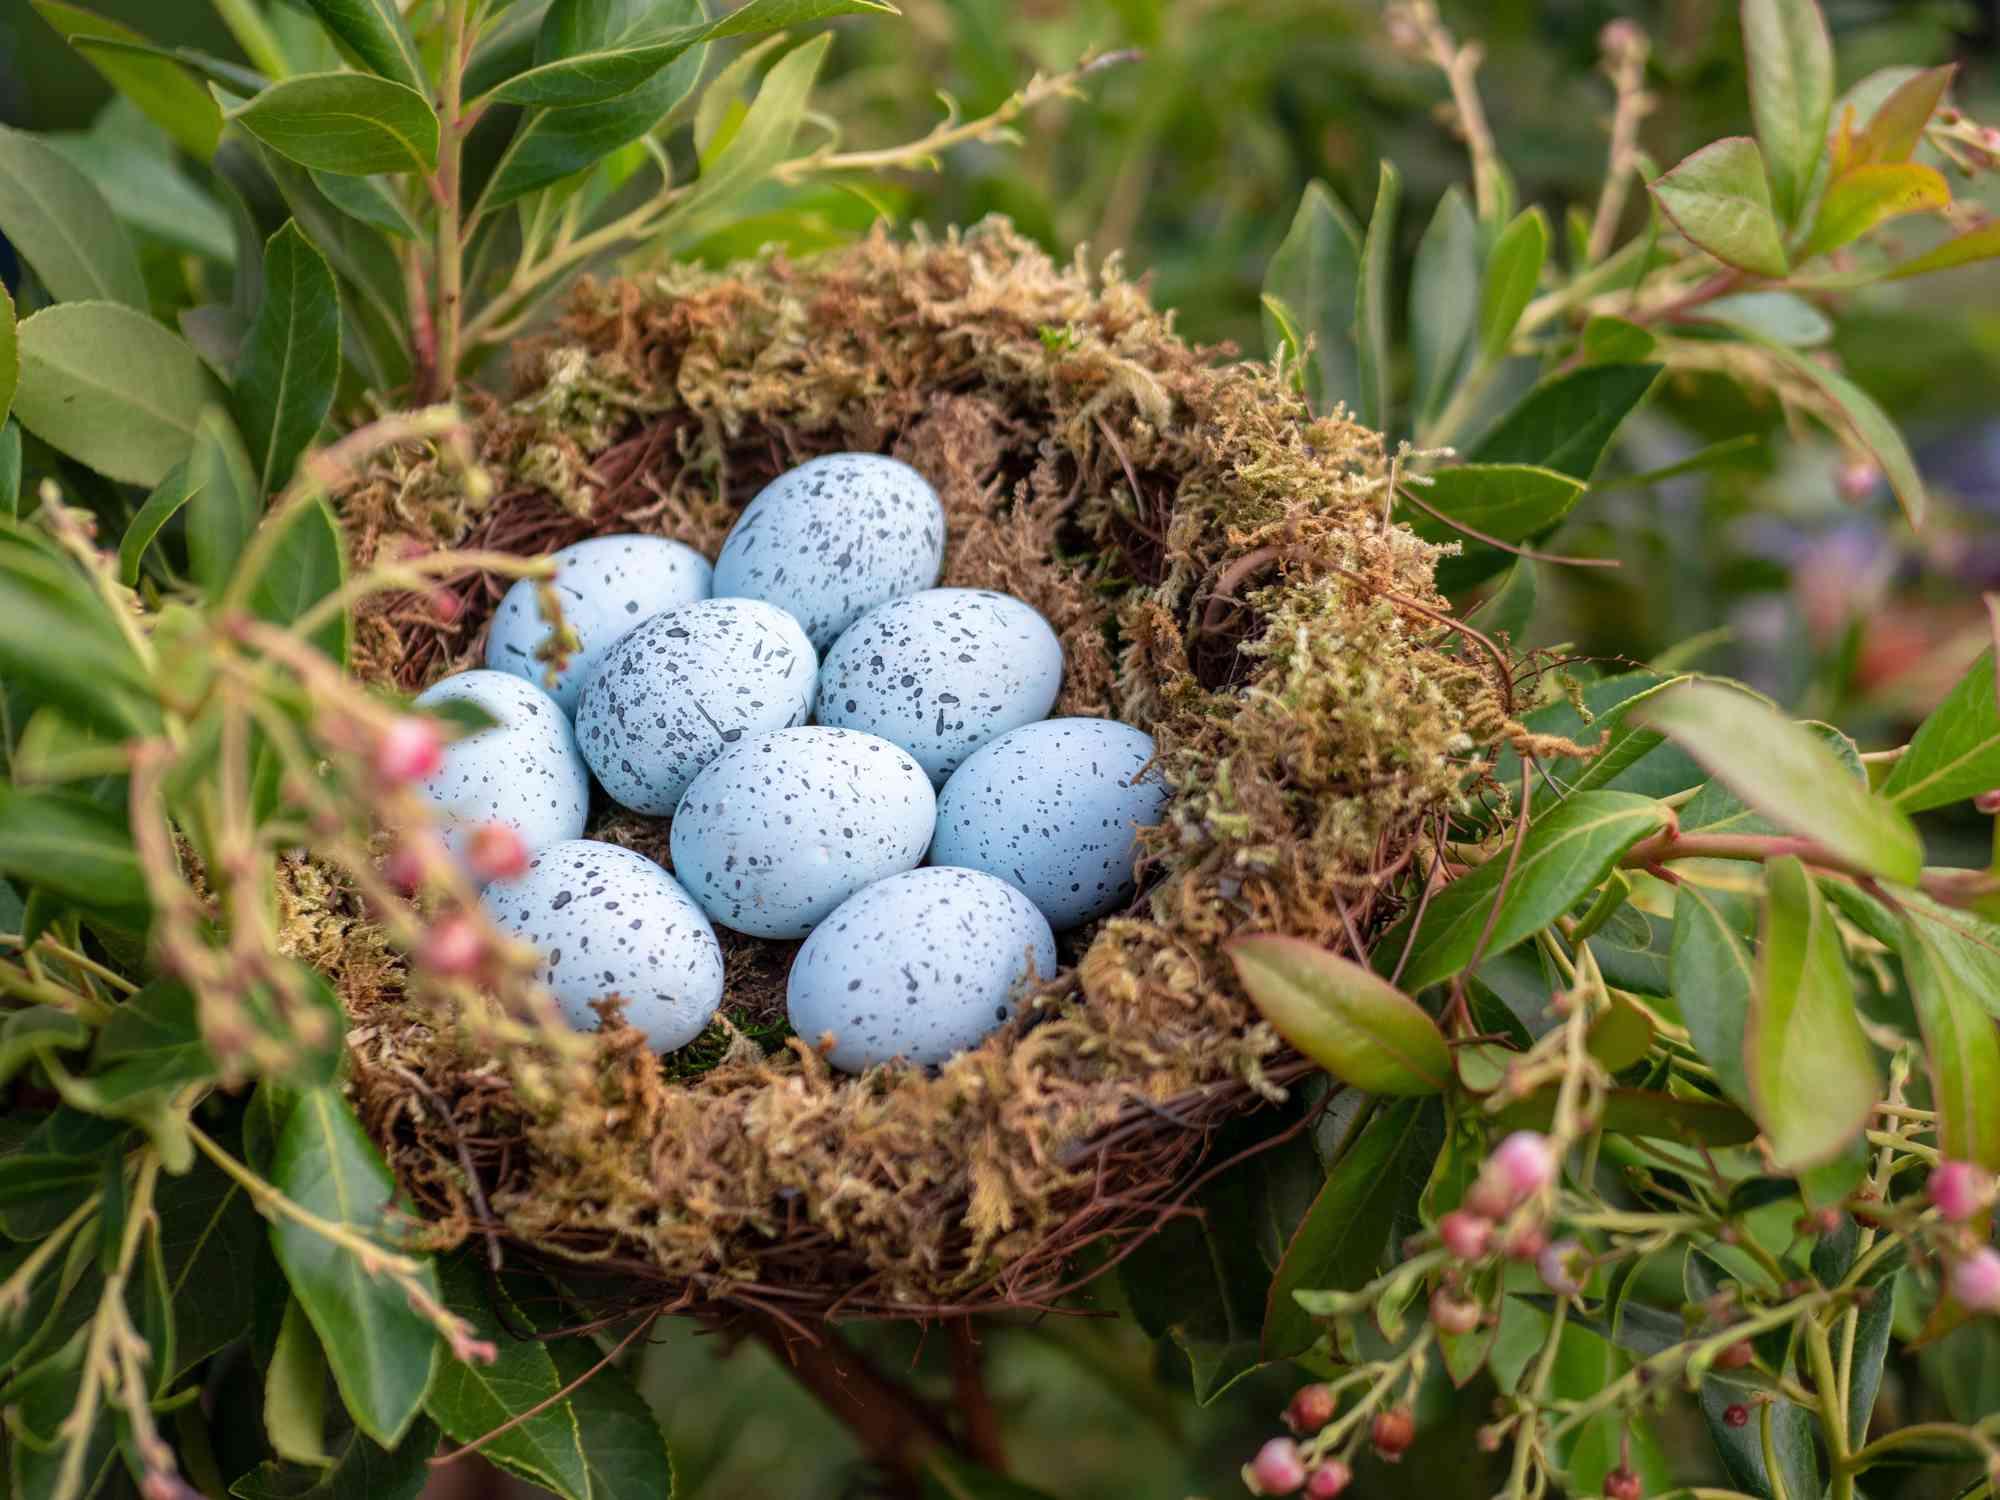 Nest of blue jay eggs